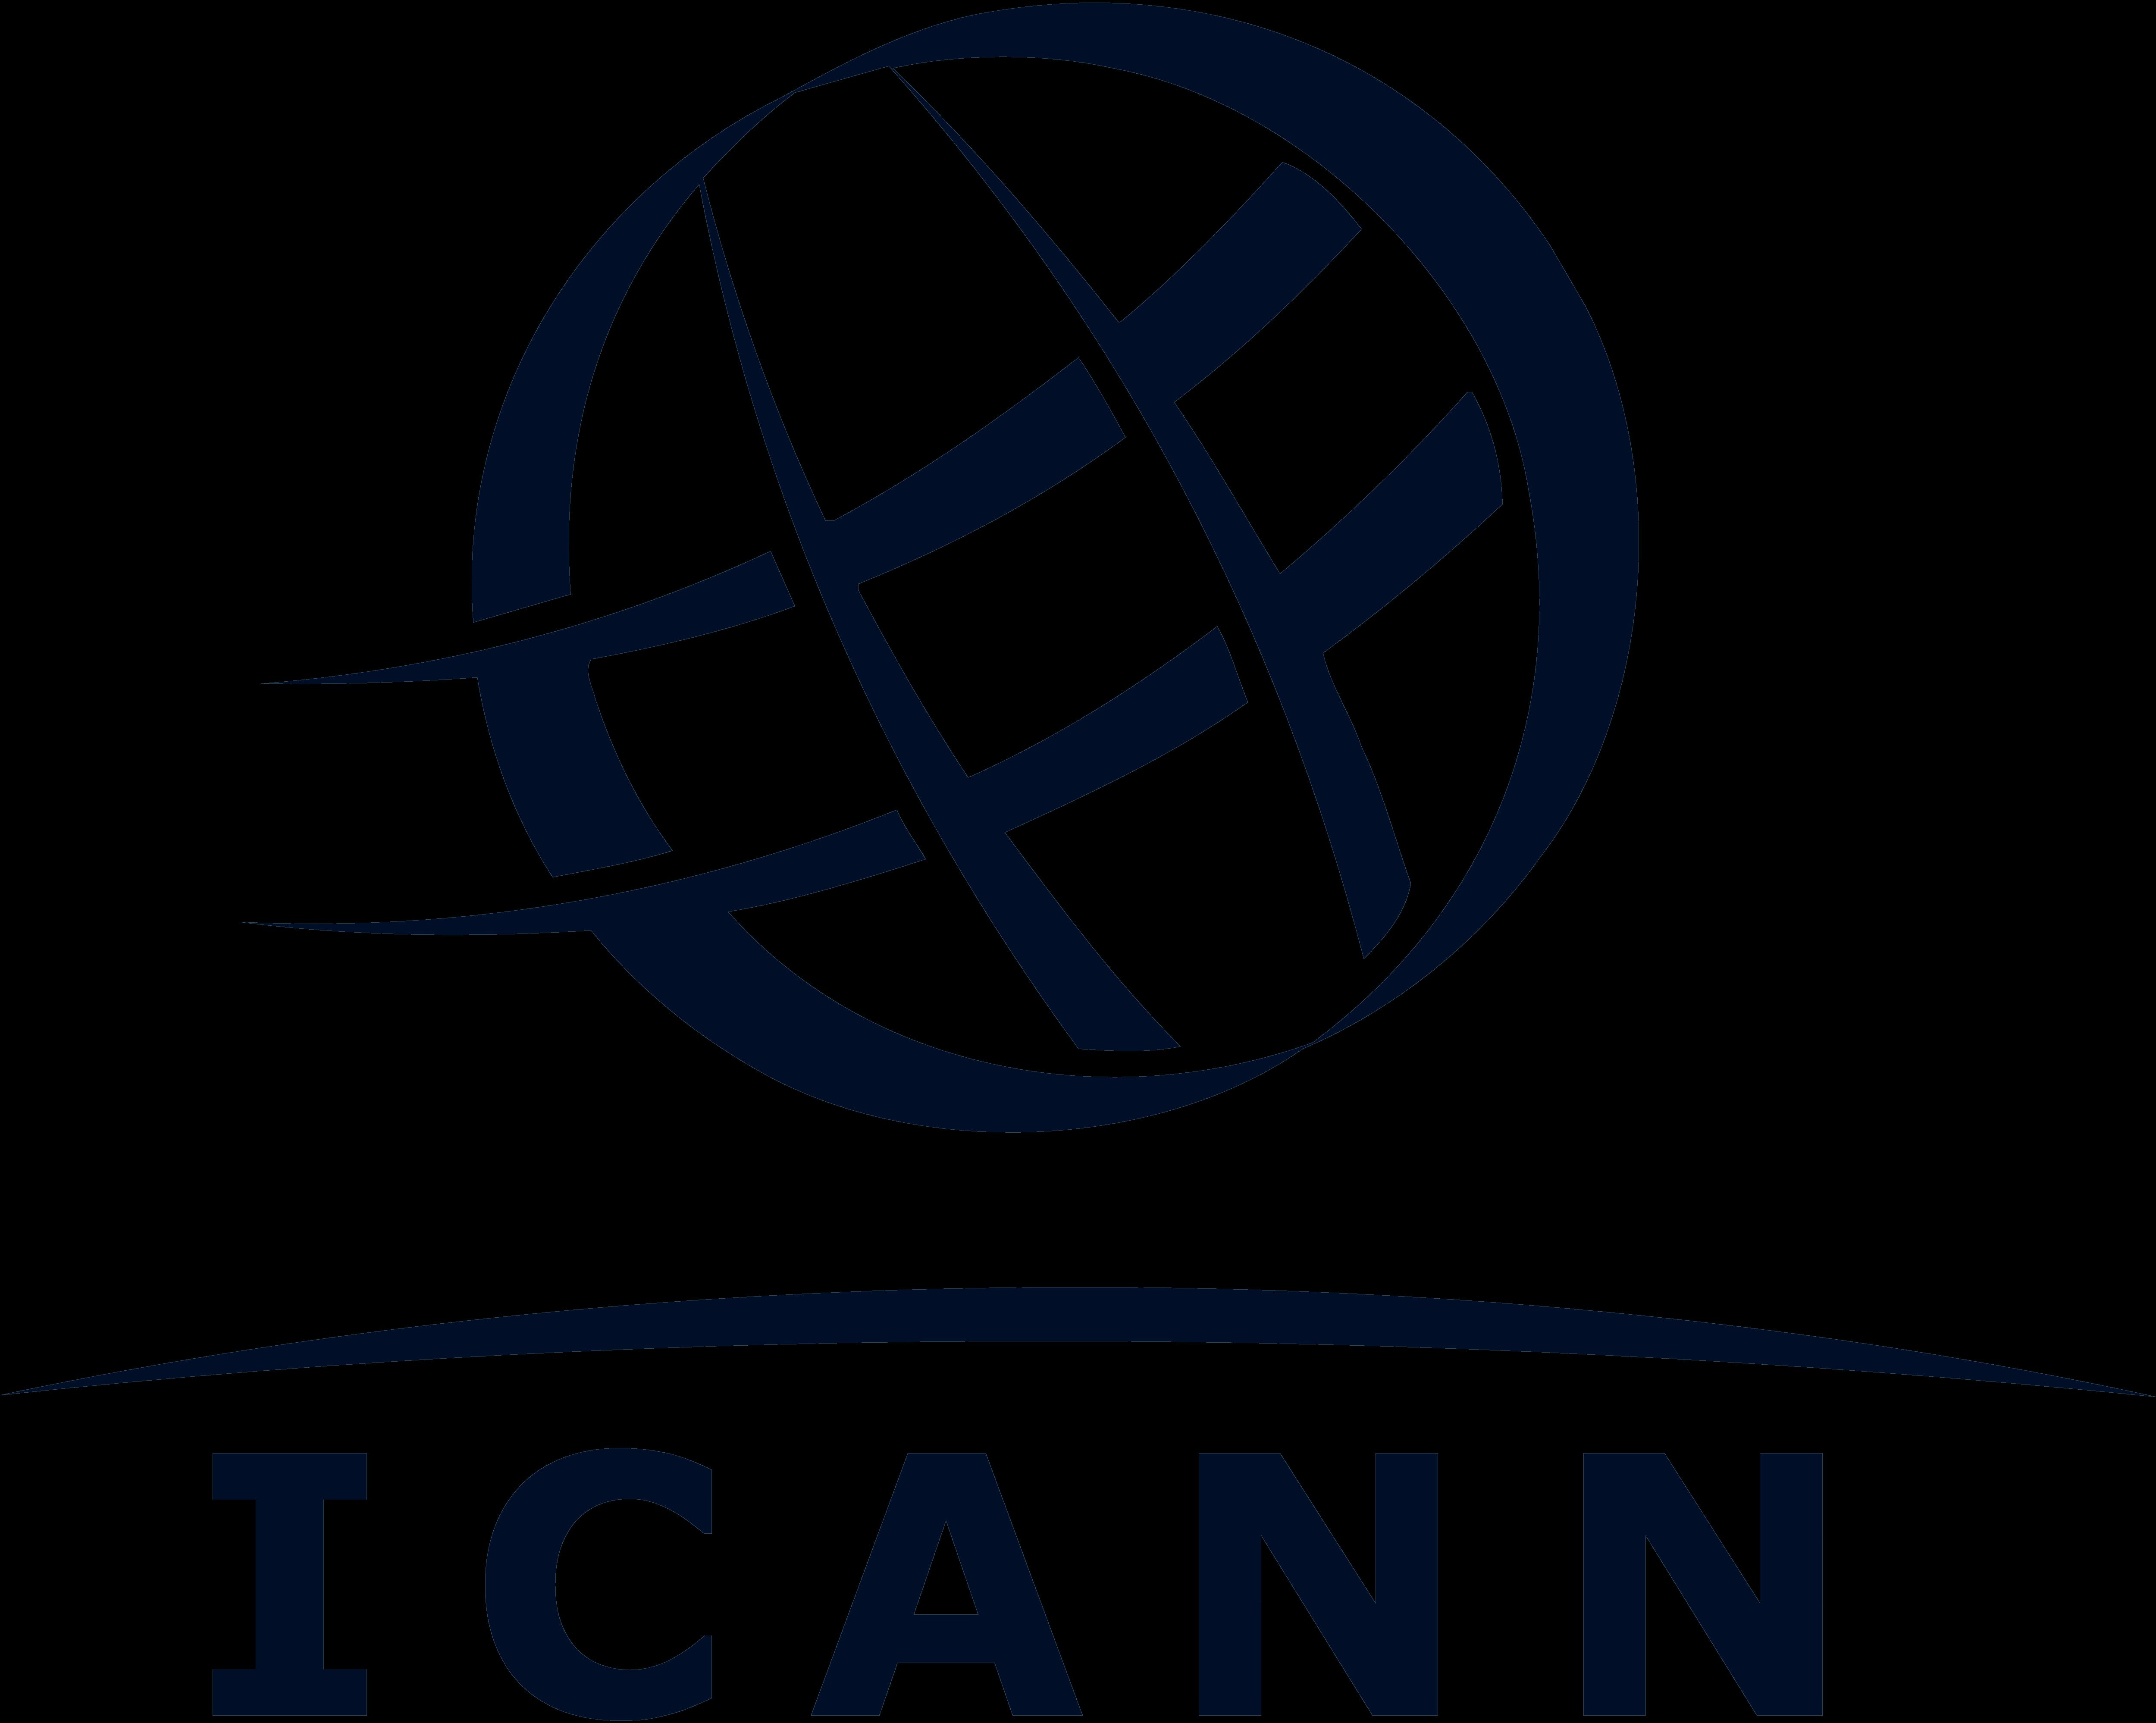 ICANN – Logos Download